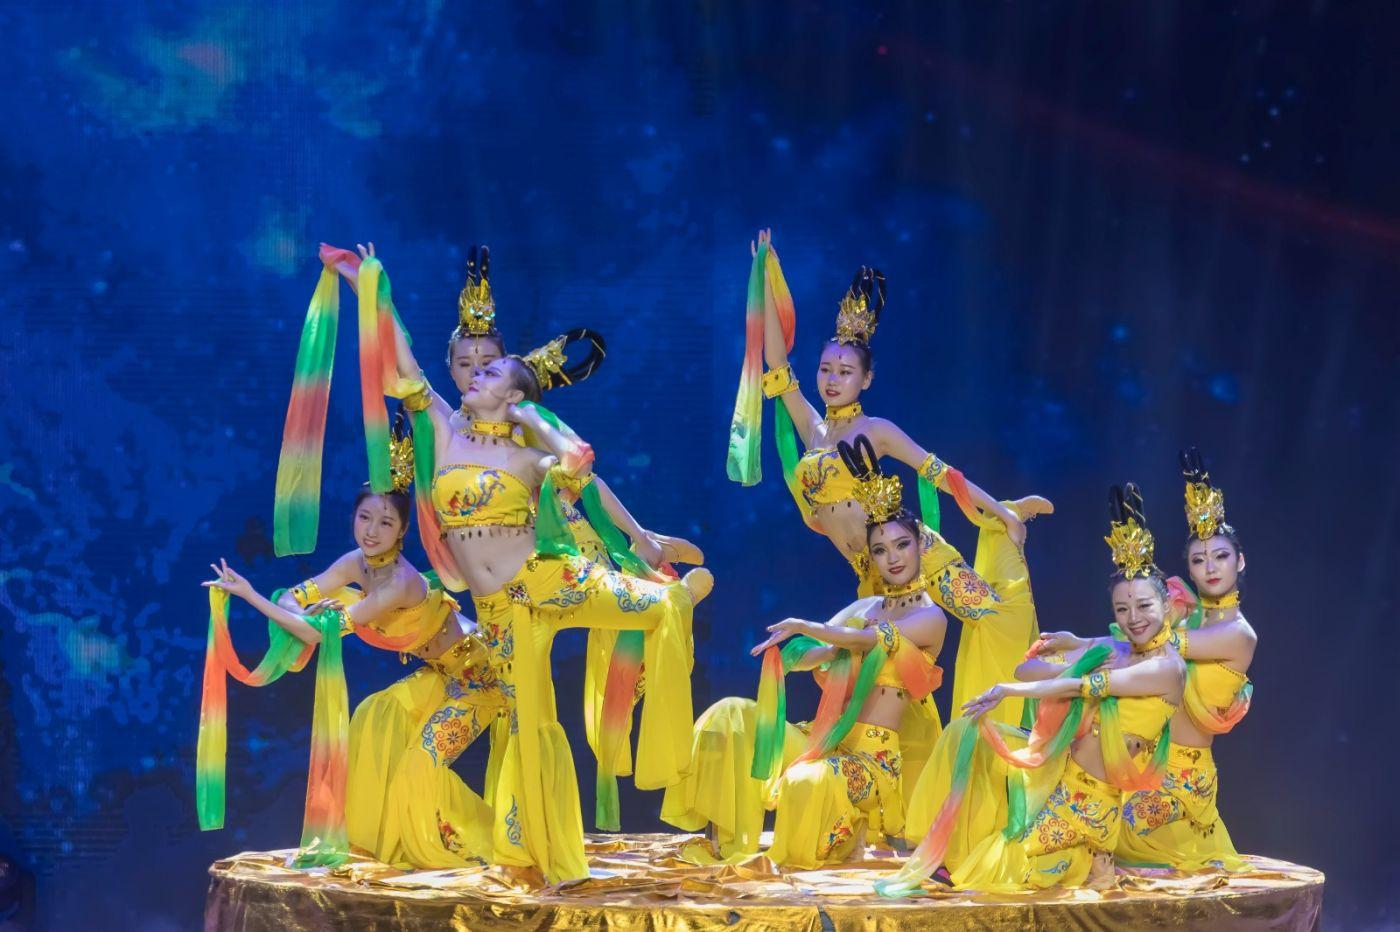 沂蒙大地上 有一种舞蹈叫飞天 这是几位临沂女孩的杰作 美轮美奂 ..._图1-26